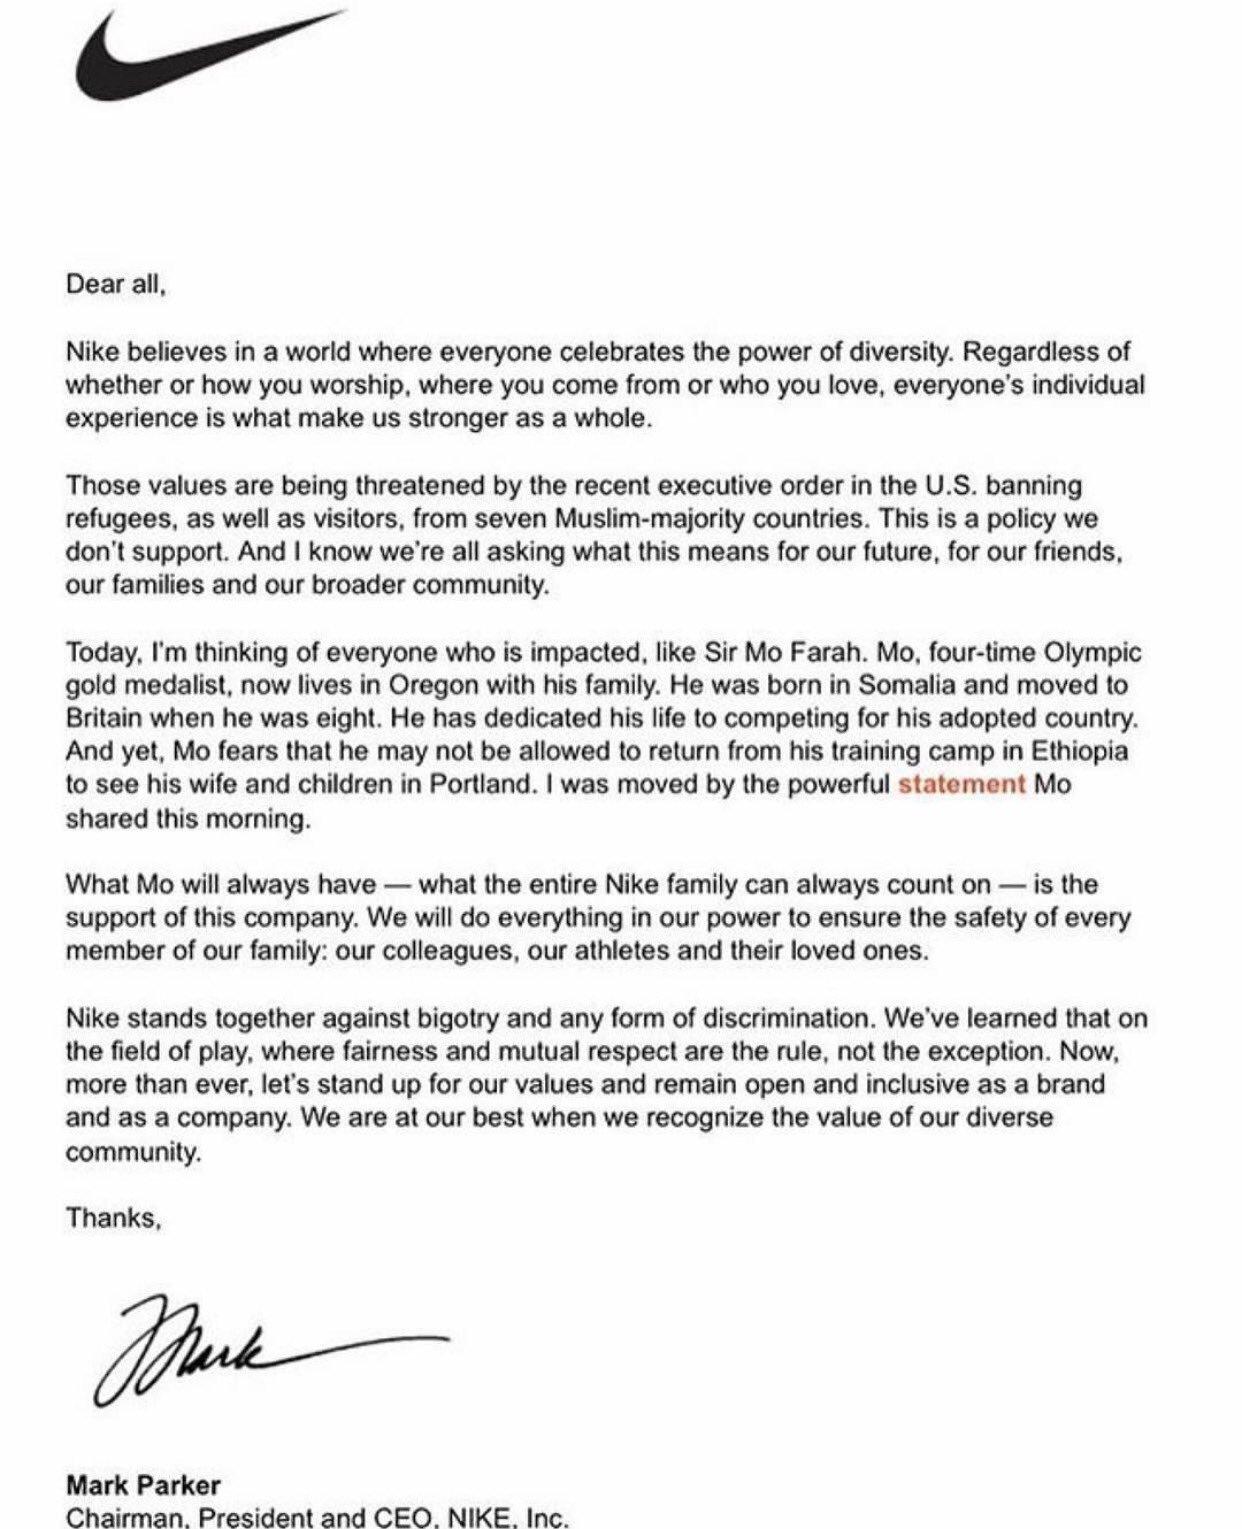 mark parker statement